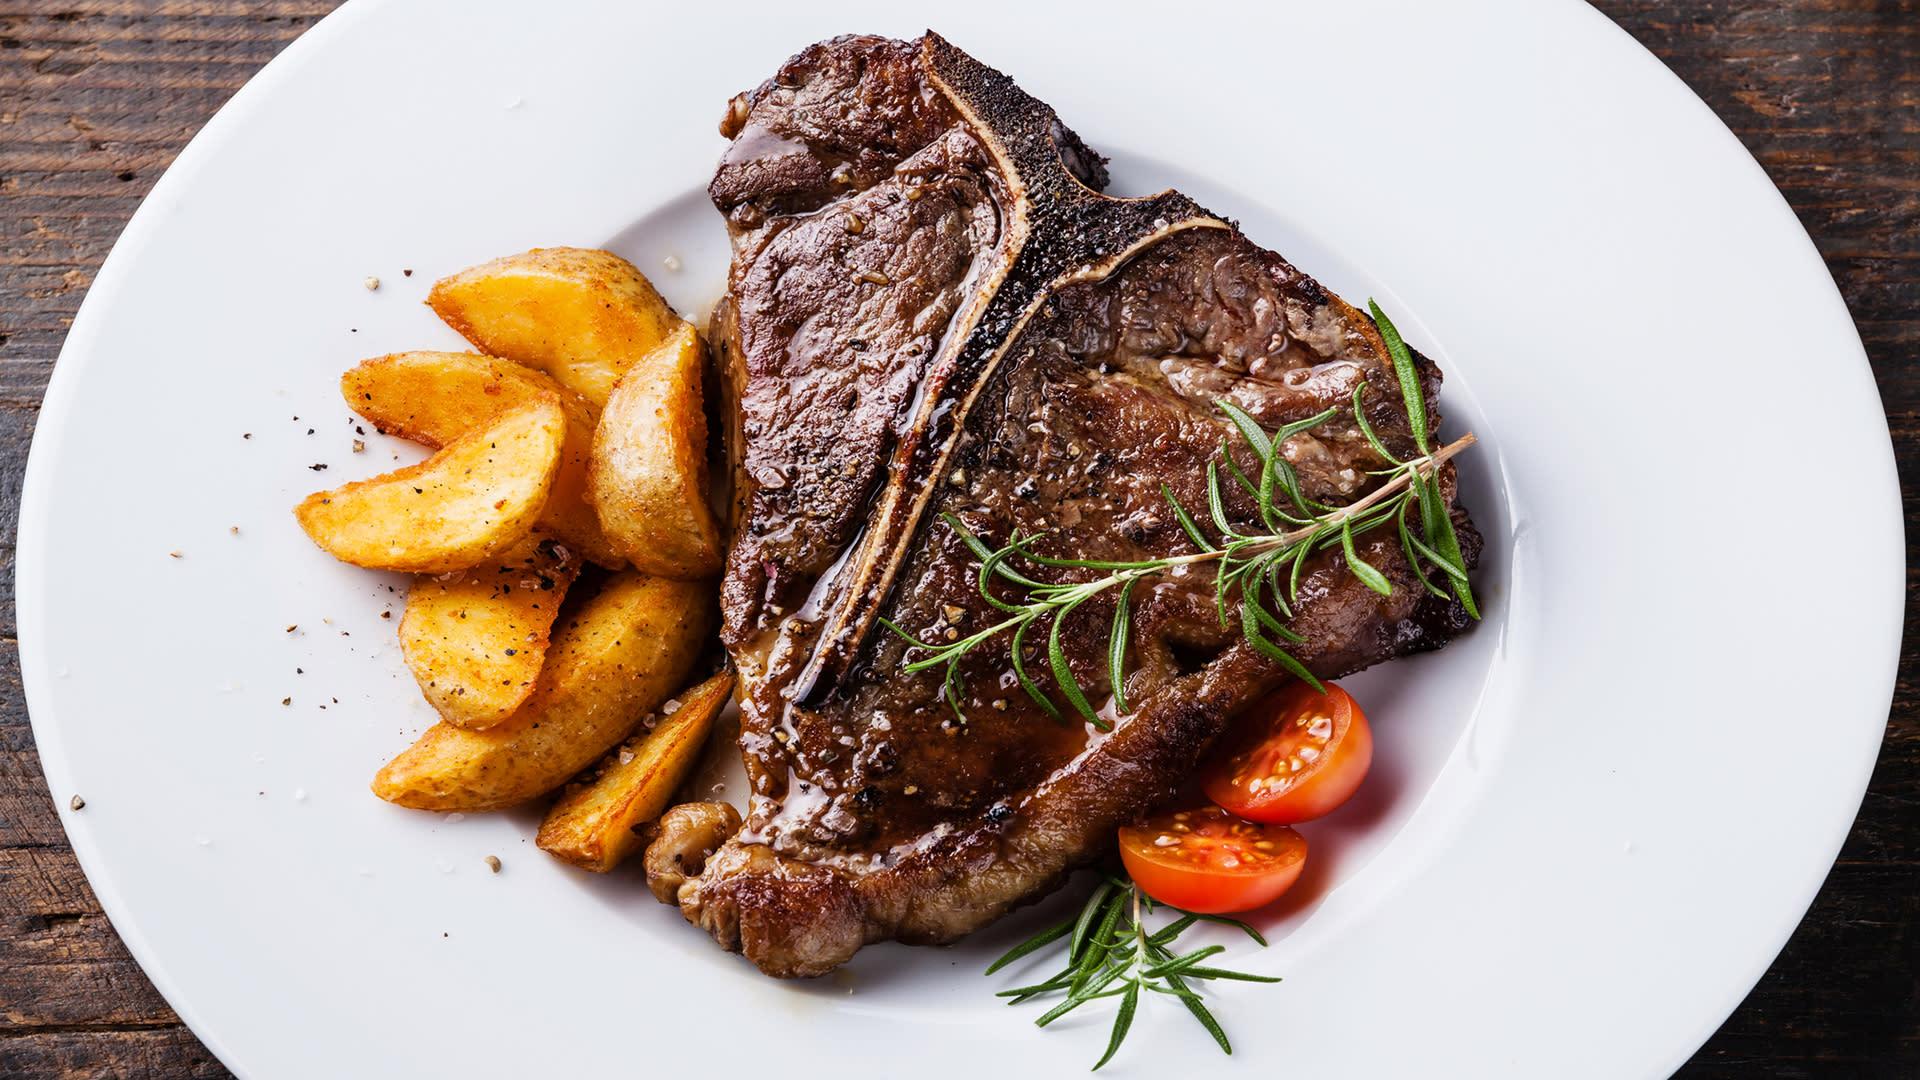 steak dinner in greater palm springs